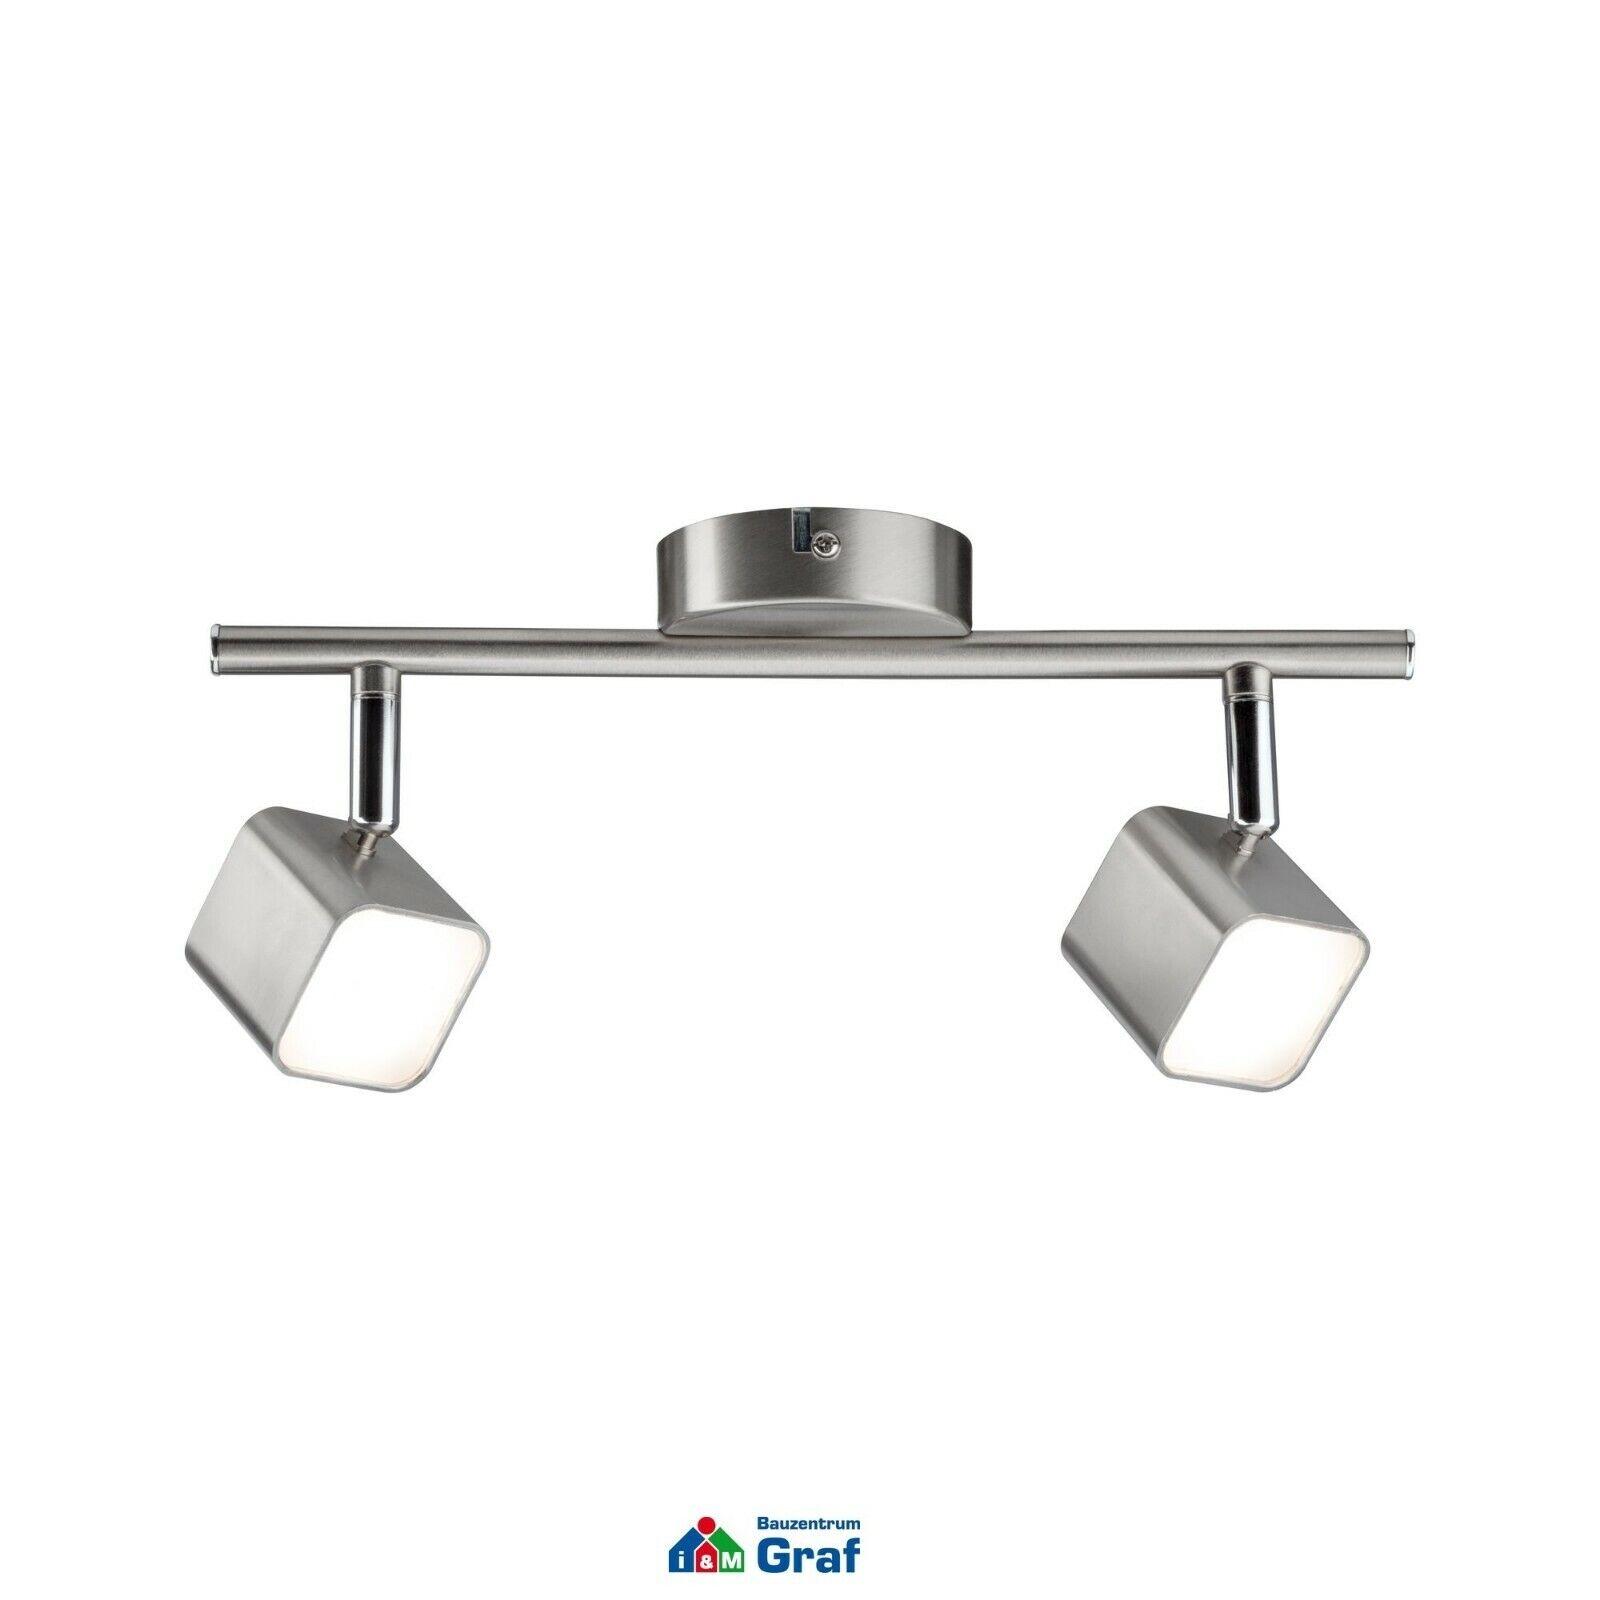 Paulmann LED Strahler CUBIK 2-flammig, 2-flammig, 2-flammig, 2 x 4 W, Eisen gebürstet, 3000K    844244 | Shop  |  ae6ebb